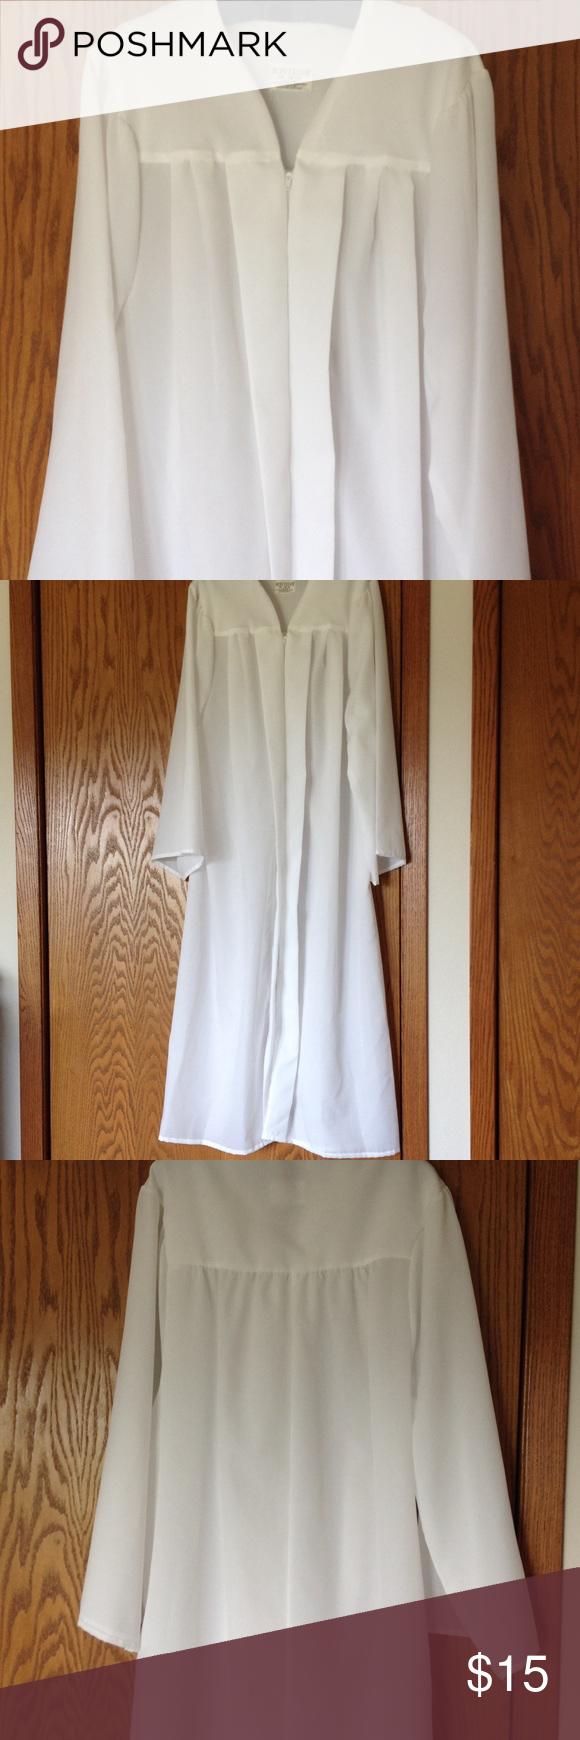 White Jostens graduation gown | My Posh Picks | Pinterest | Gowns ...